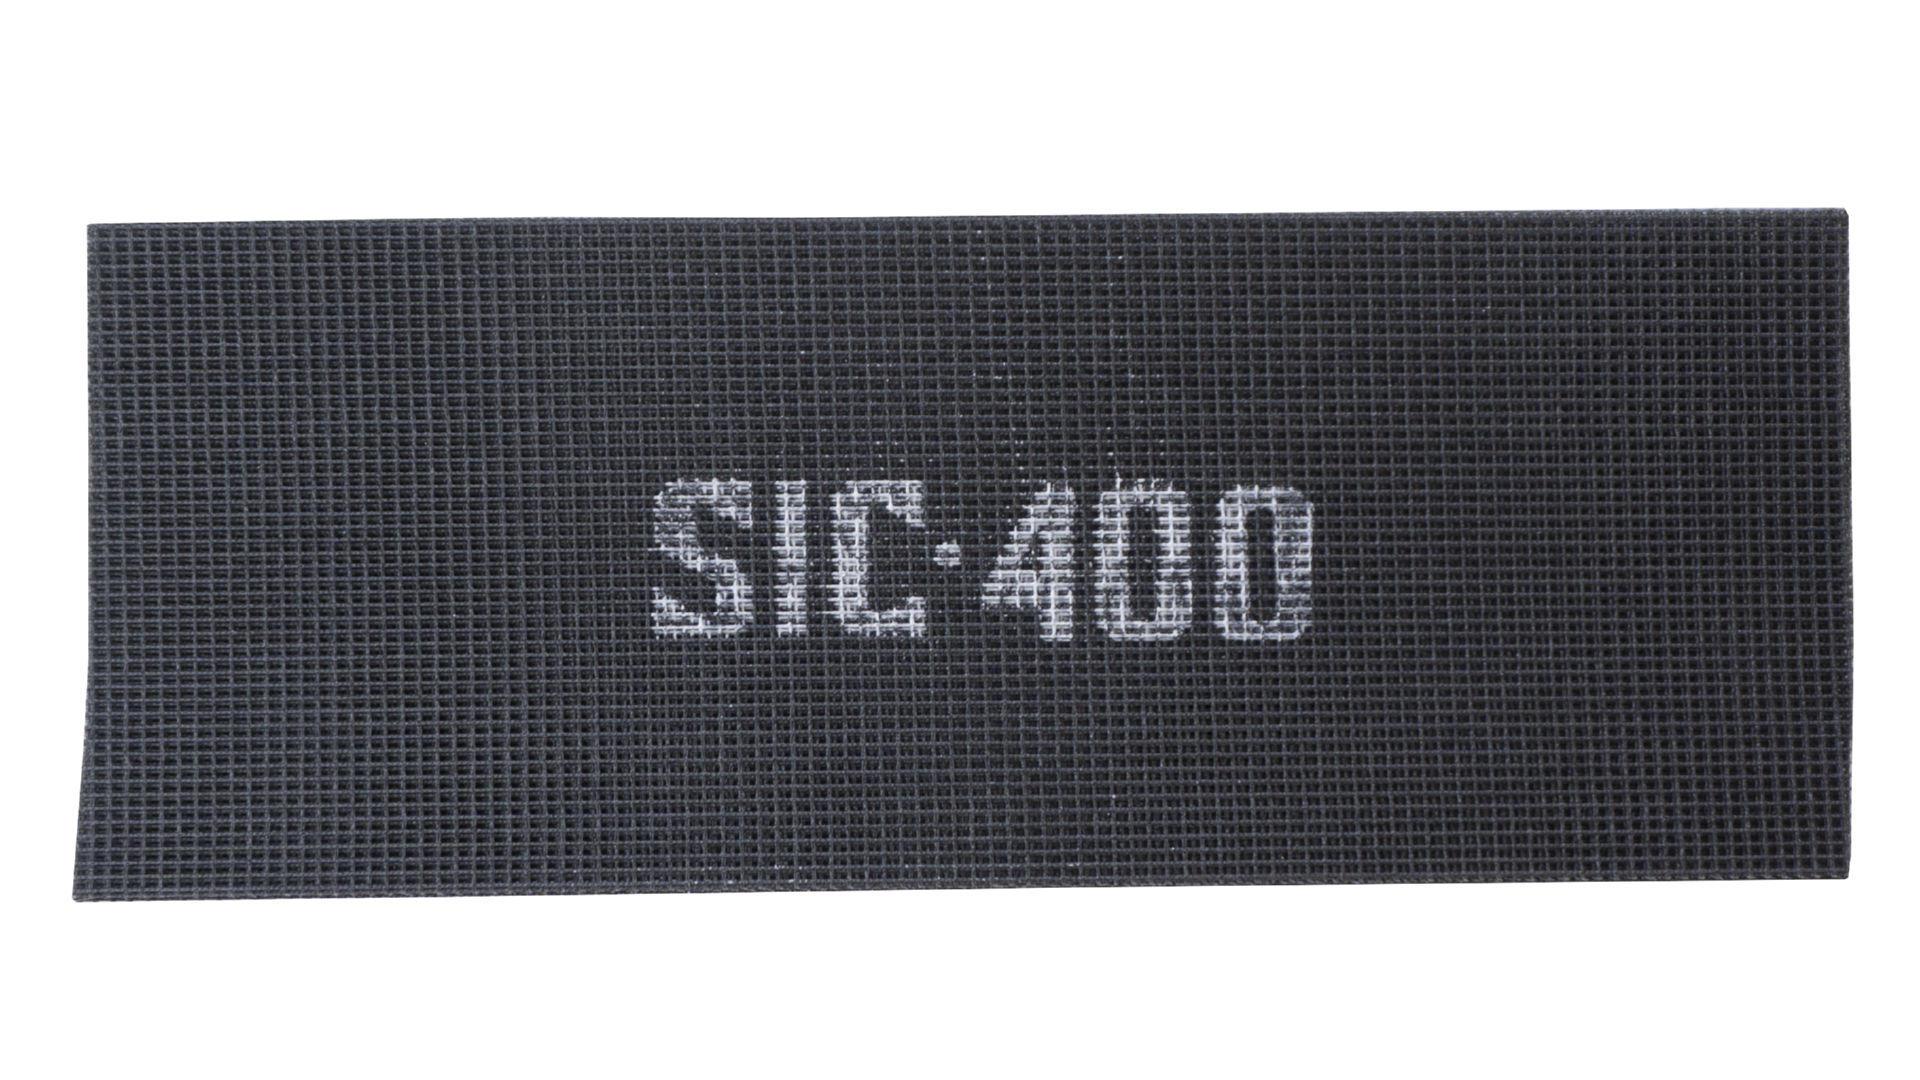 Сетка абразивная Intertool - 105 х 280 мм Р400 (в комплекте 10 шт.) 3